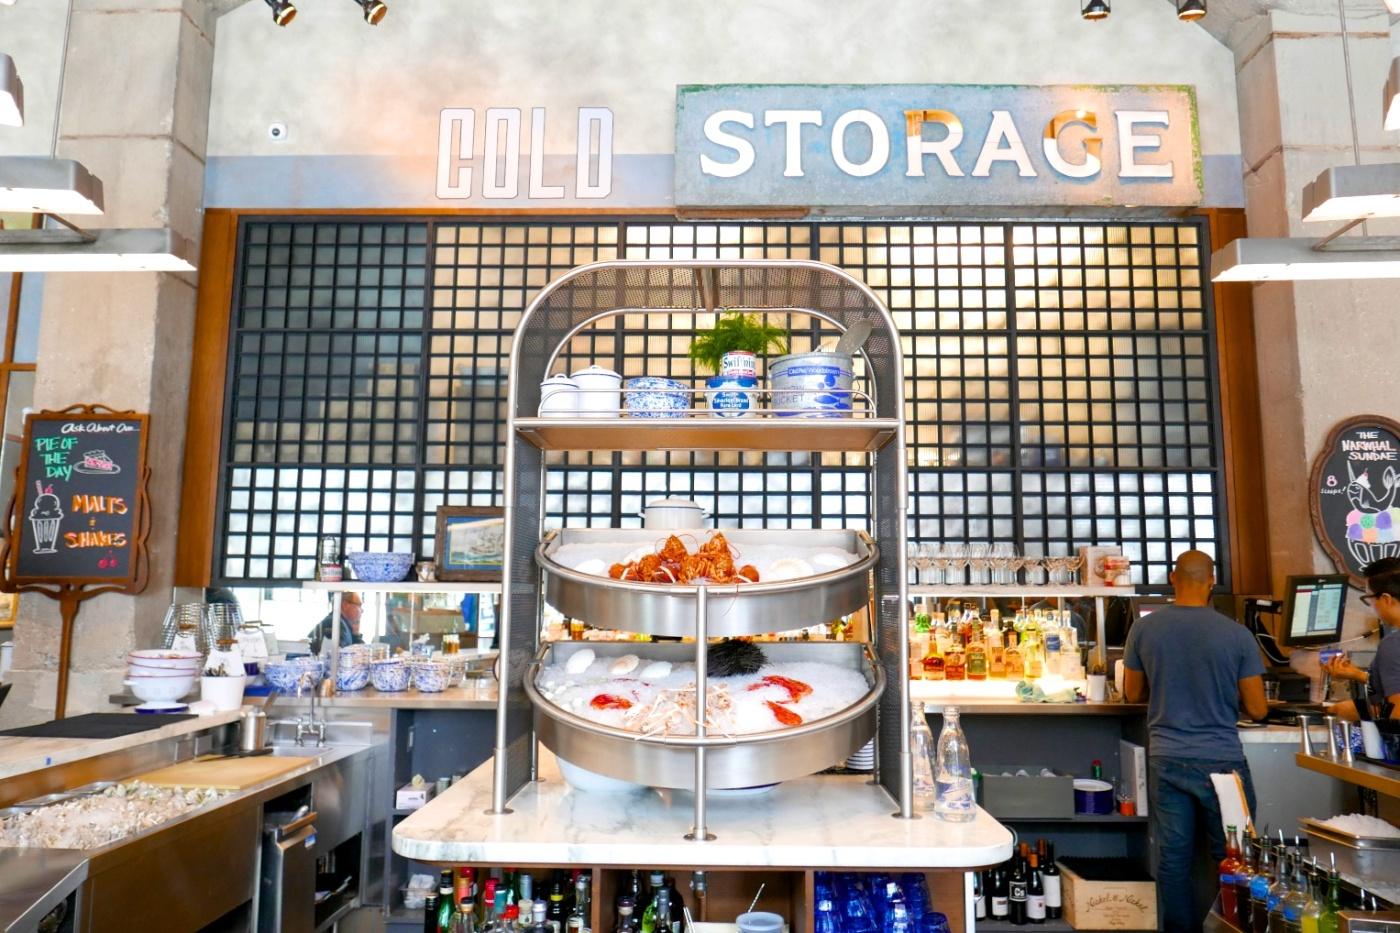 Cold Storage, 1000 W Fulton Market, Chicago, IL